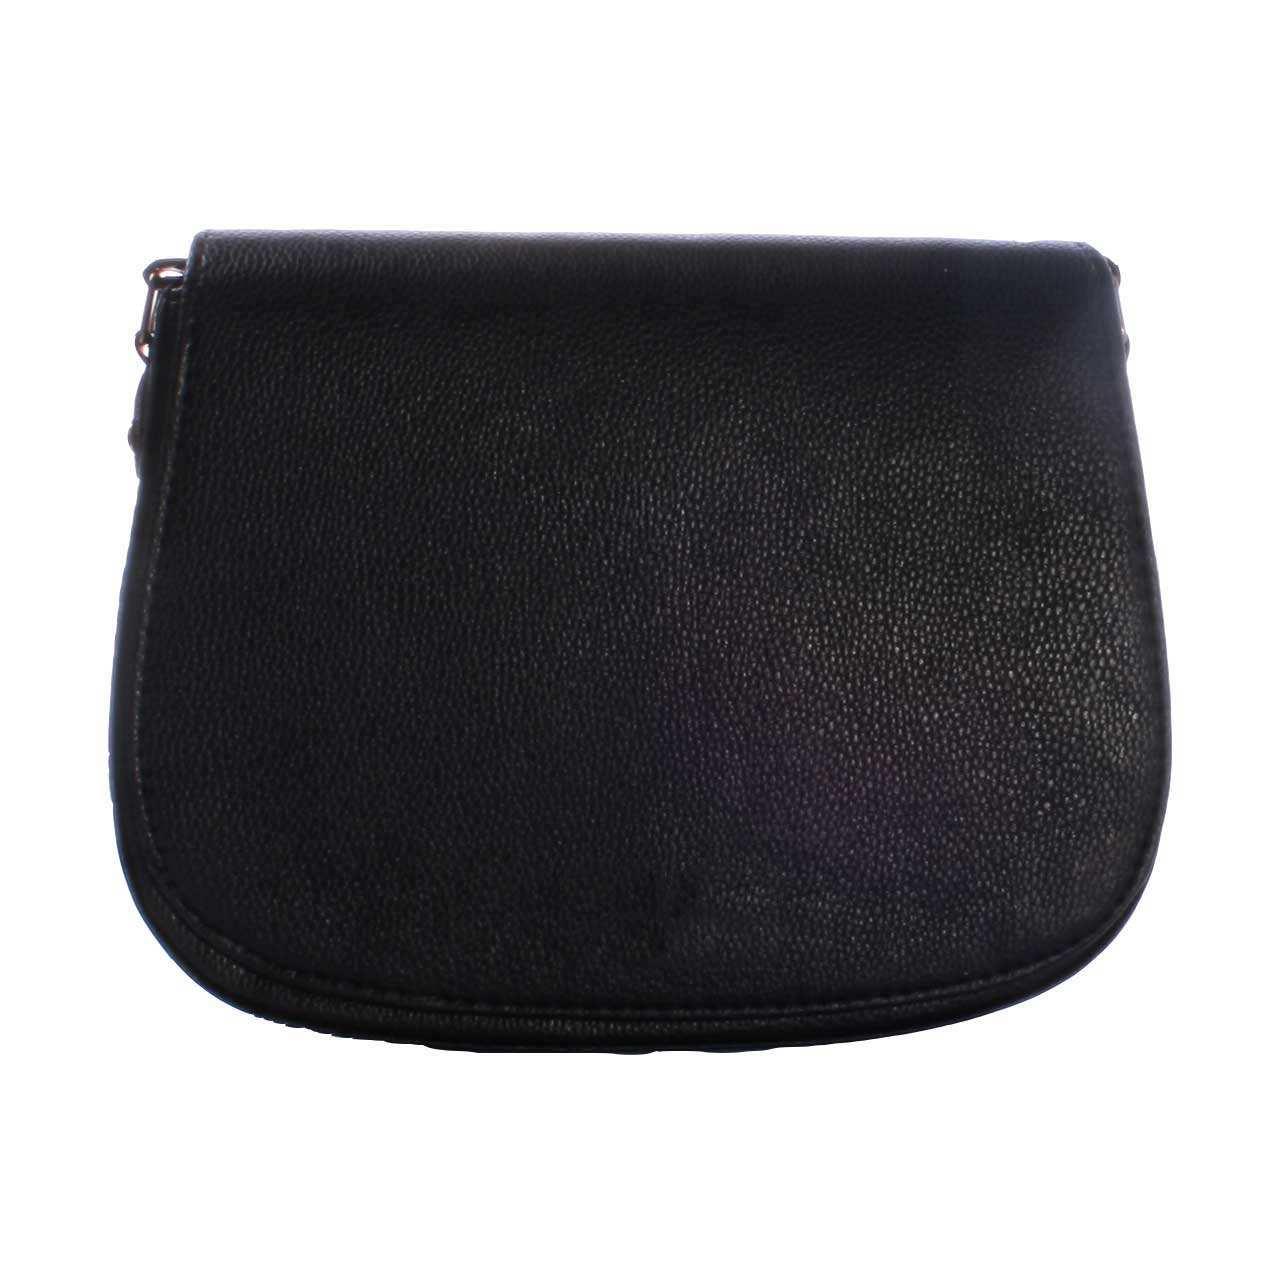 قیمت کیف رودوشی زنانه مدل D_001 کد W05